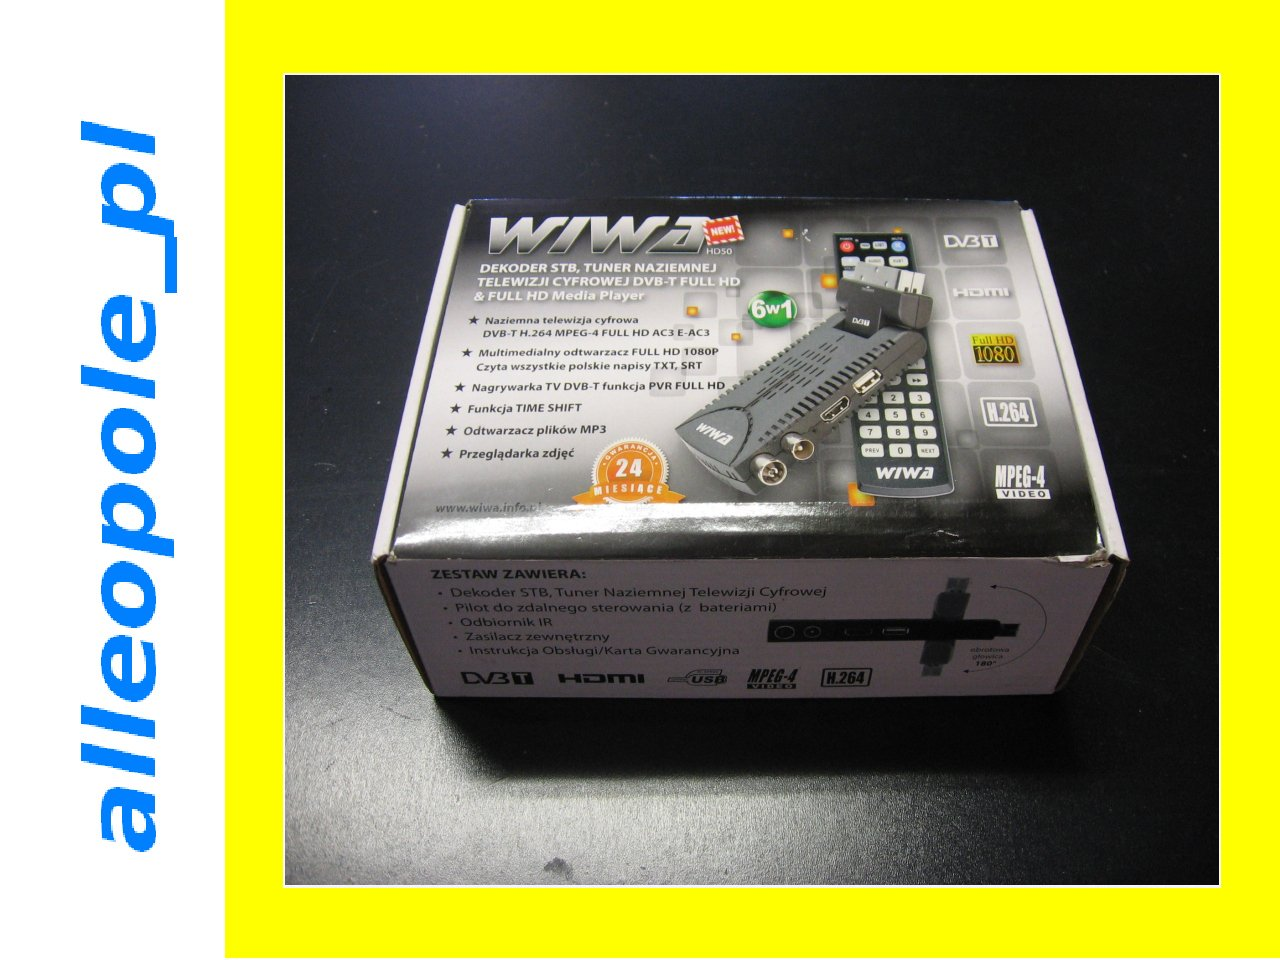 WIWA HD 50 DVB-T CYFROWA TELEWIZJA STB TUNER WAWA ____ Opole alleopole.pl